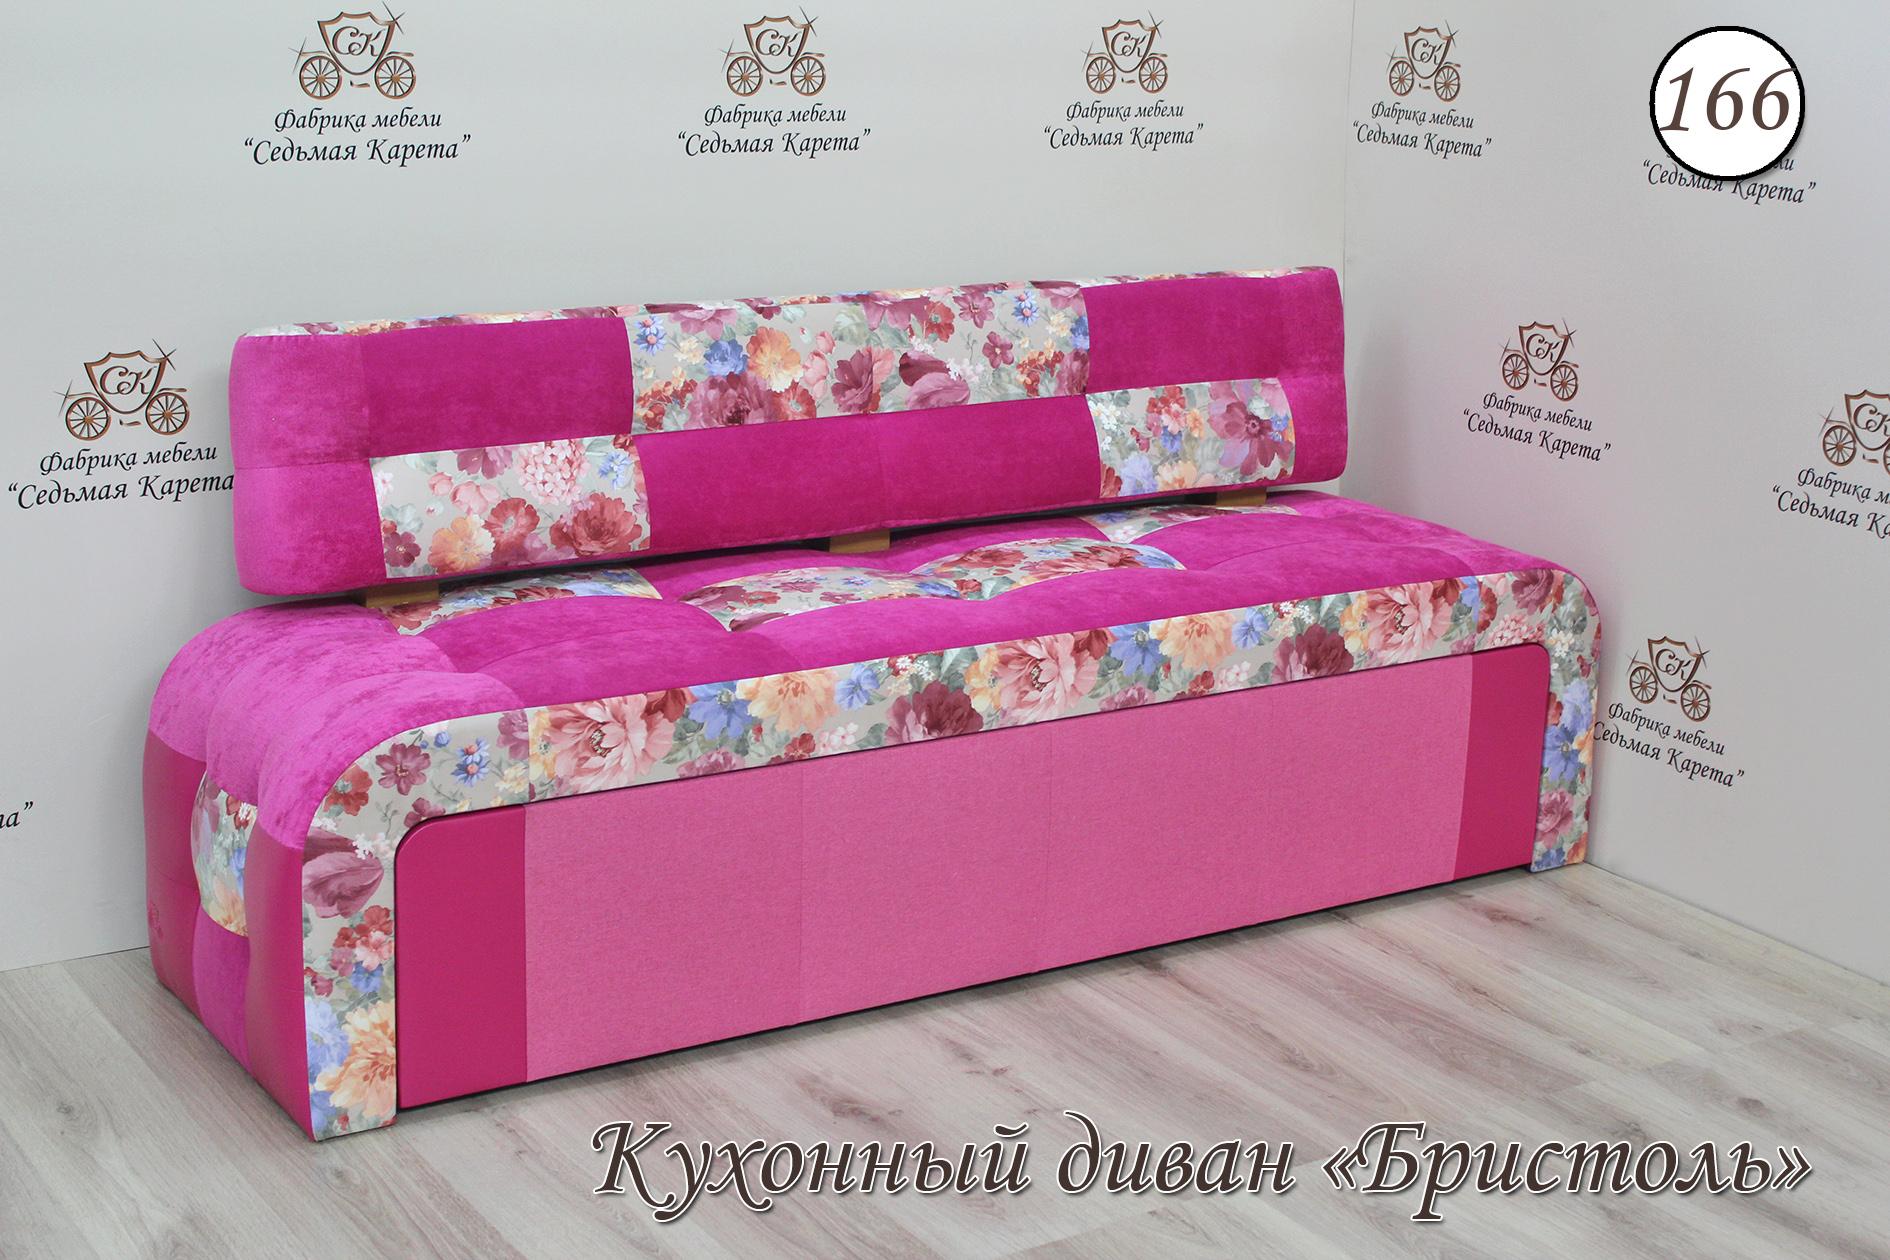 Кухонный диван Бристоль-148